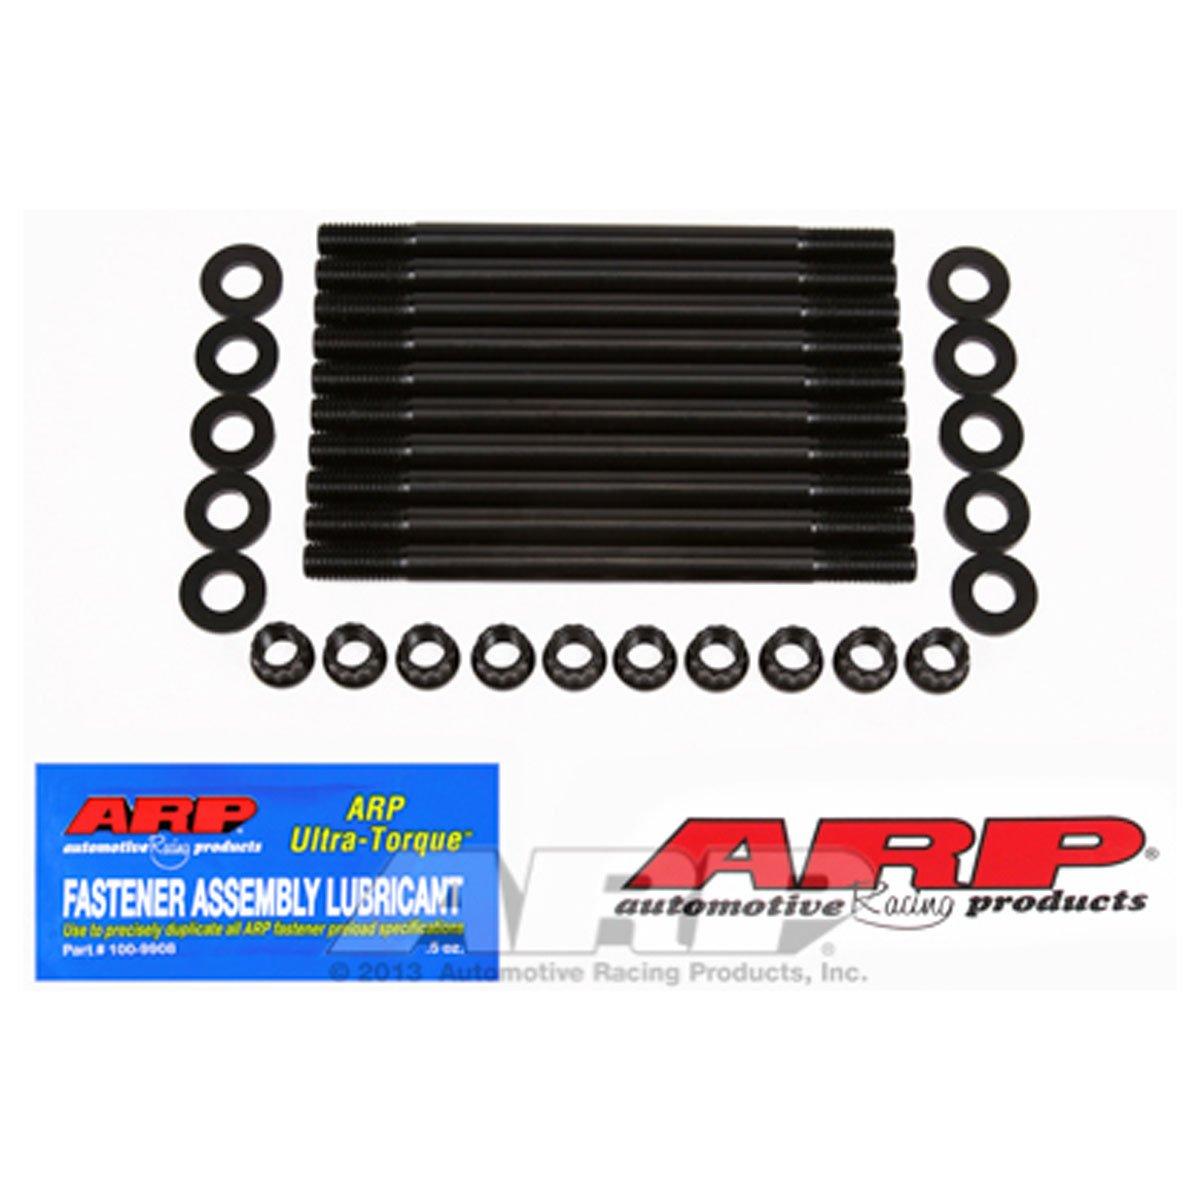 ARP 151-4203 Cylinder Head Stud Kit